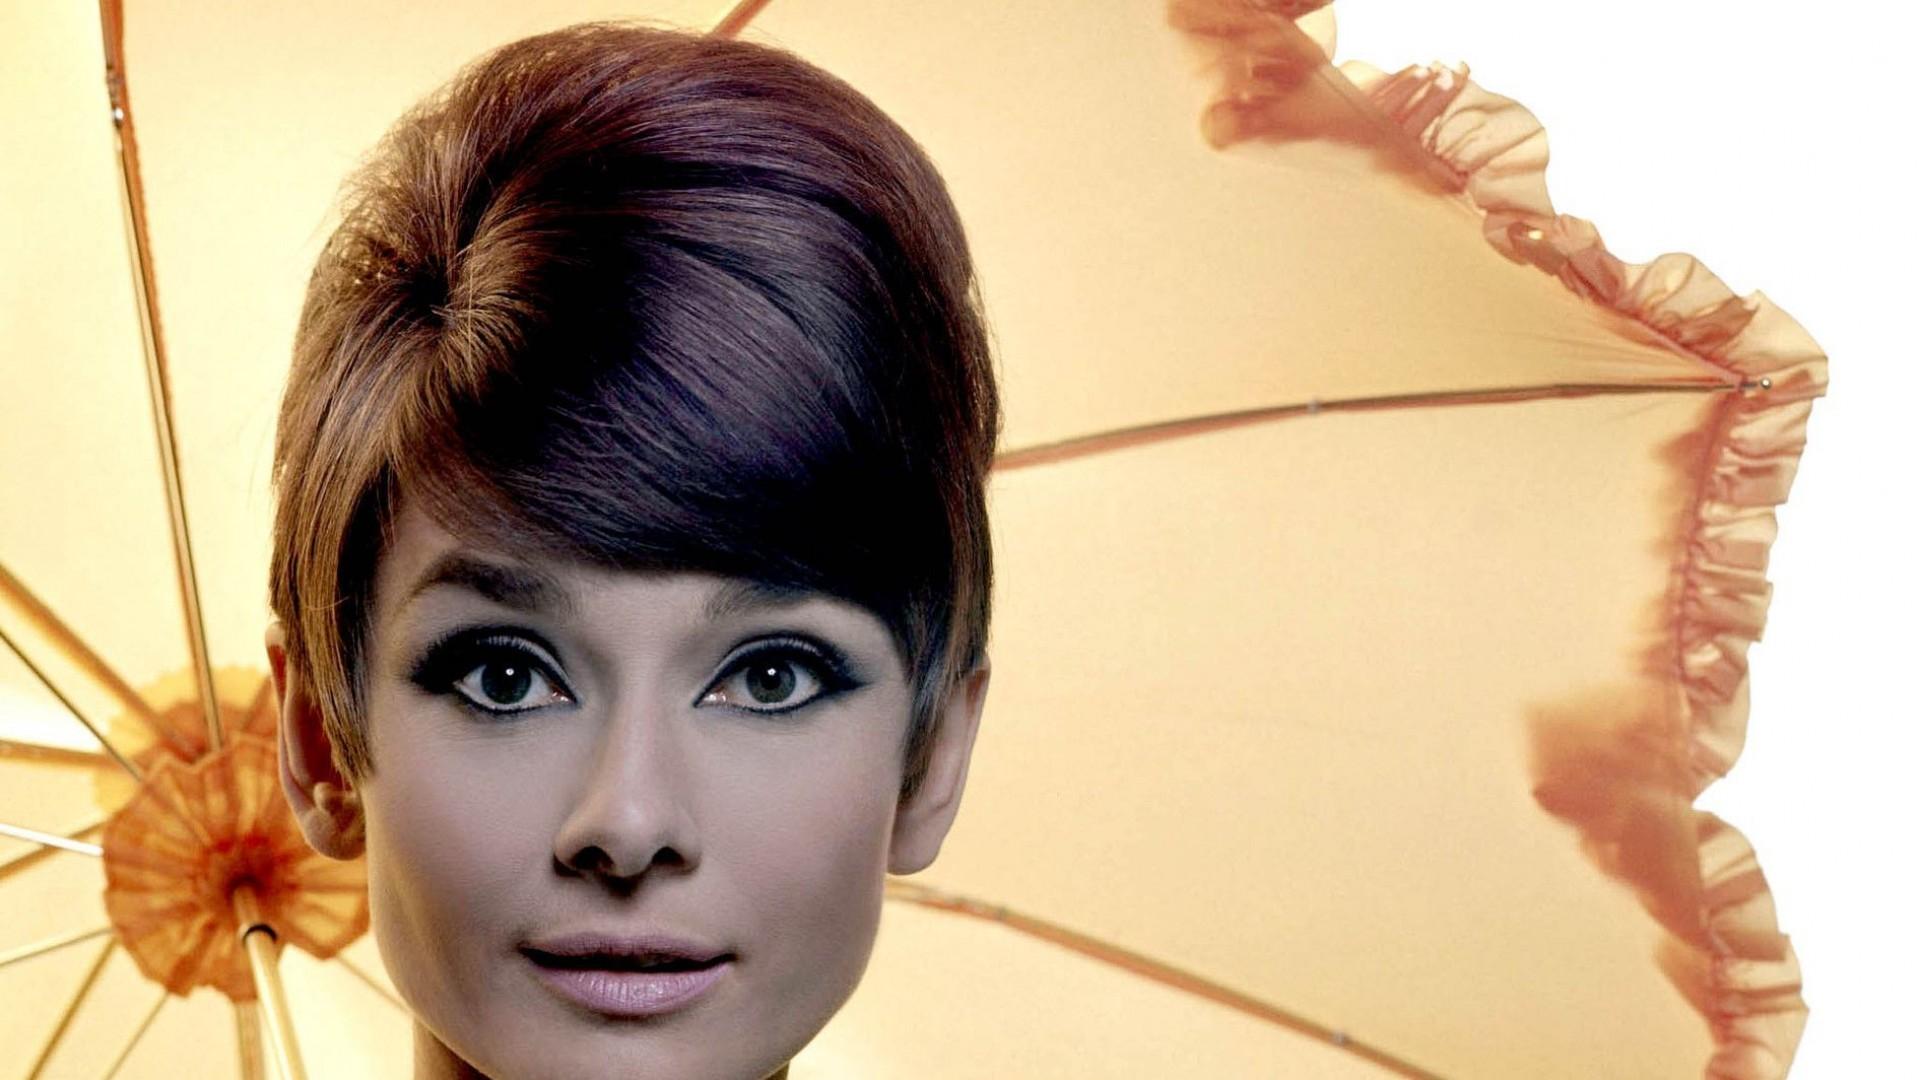 Audrey Hepburn Desktop Backgrounds   Wallpaper High 1920x1080